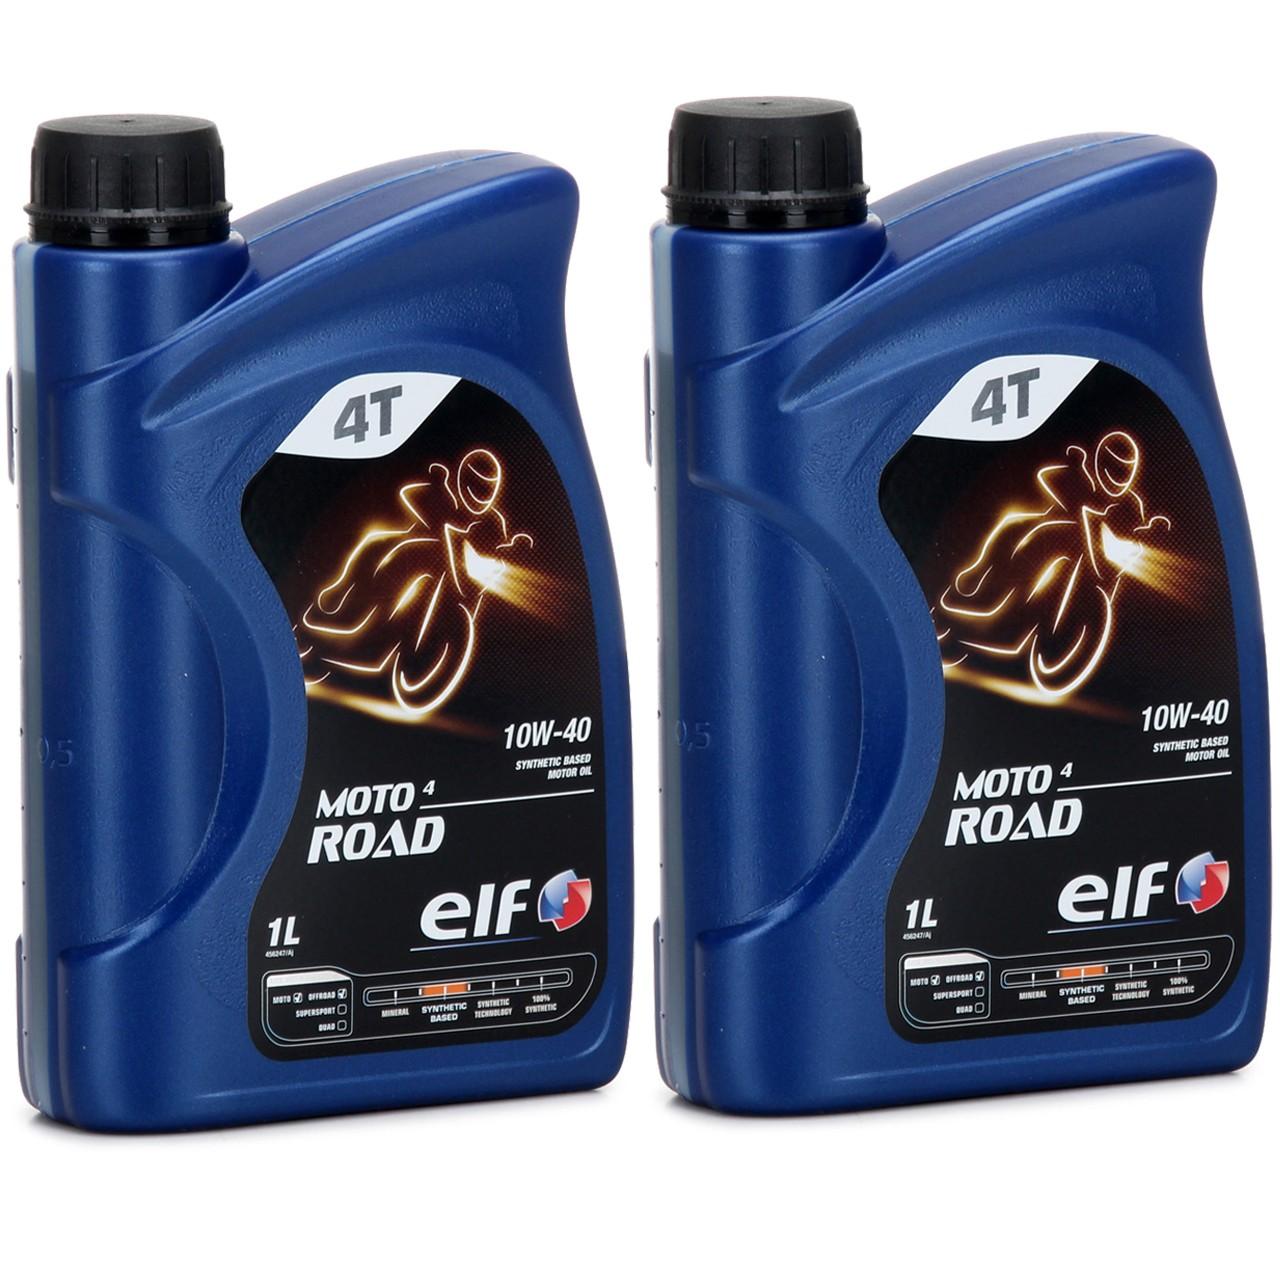 ELF Motoröl ÖL 4T 4-TAKT MOTO 4 ROAD 10W-40 10W40 JASO MA2 API SL - 2L 2 Liter